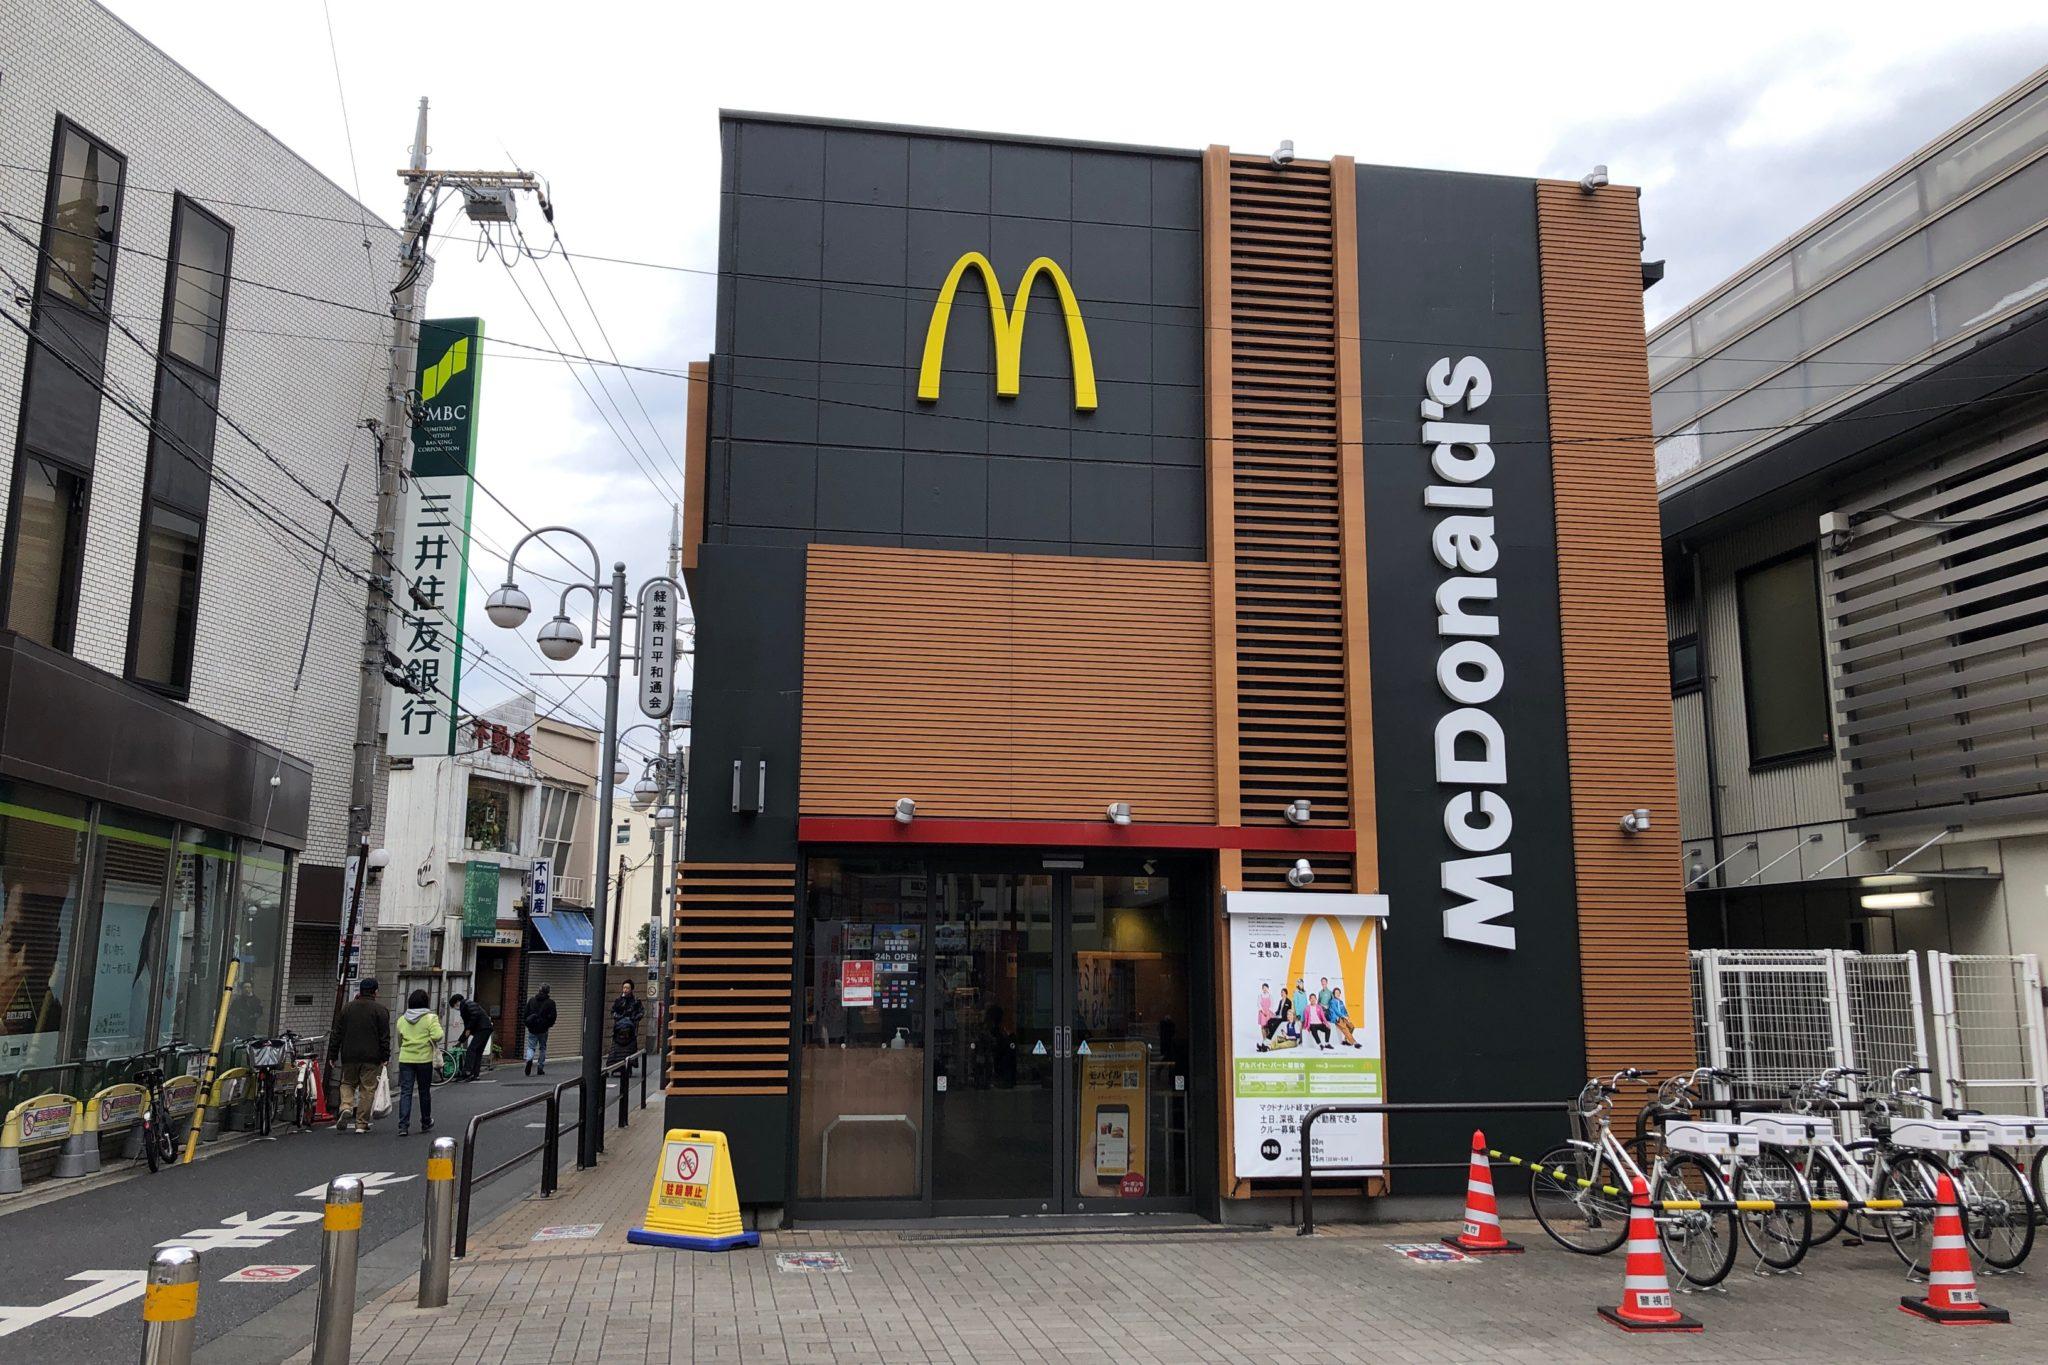 マクドナルド経堂駅前店はUberEats対応